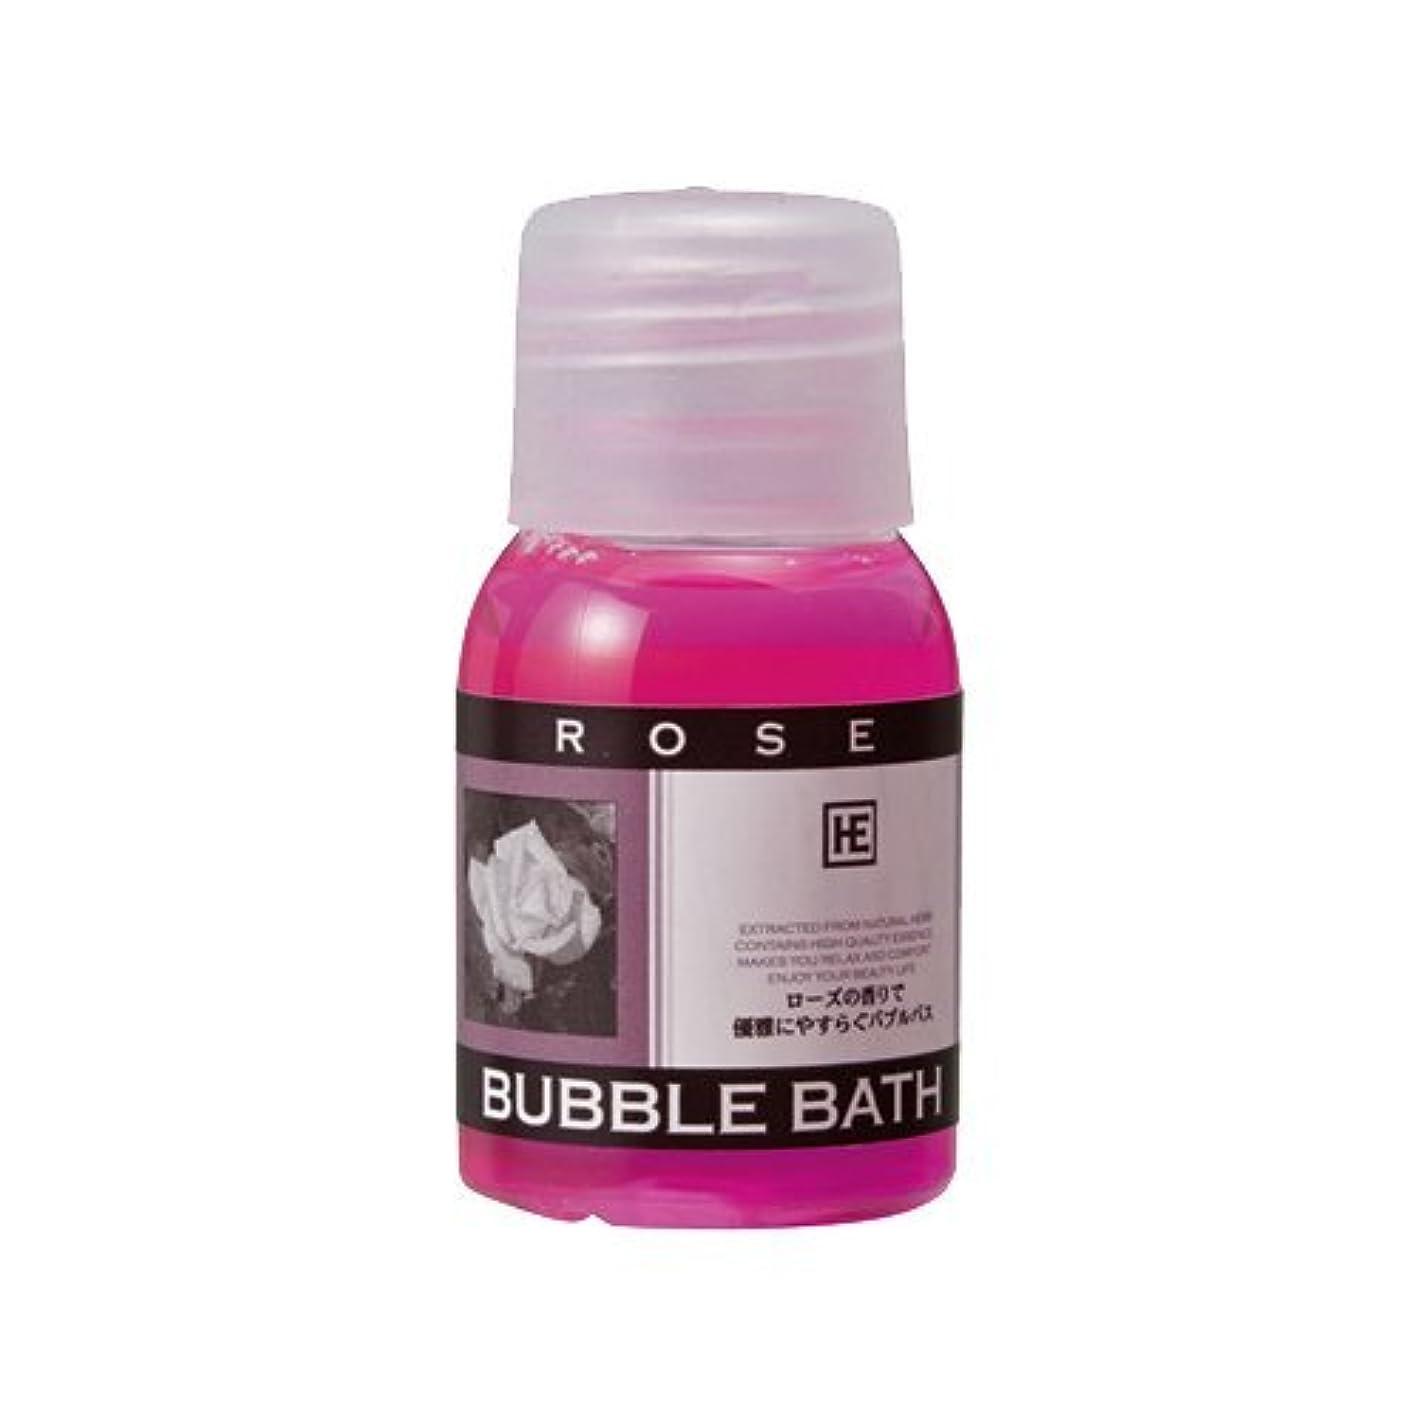 非アクティブゲーム贅沢ハーバルエクストラ バブルバス ミニボトル ローズの香り × 80個セット - ホテルアメニティ 業務用 発泡入浴剤 (BUBBLE BATH)